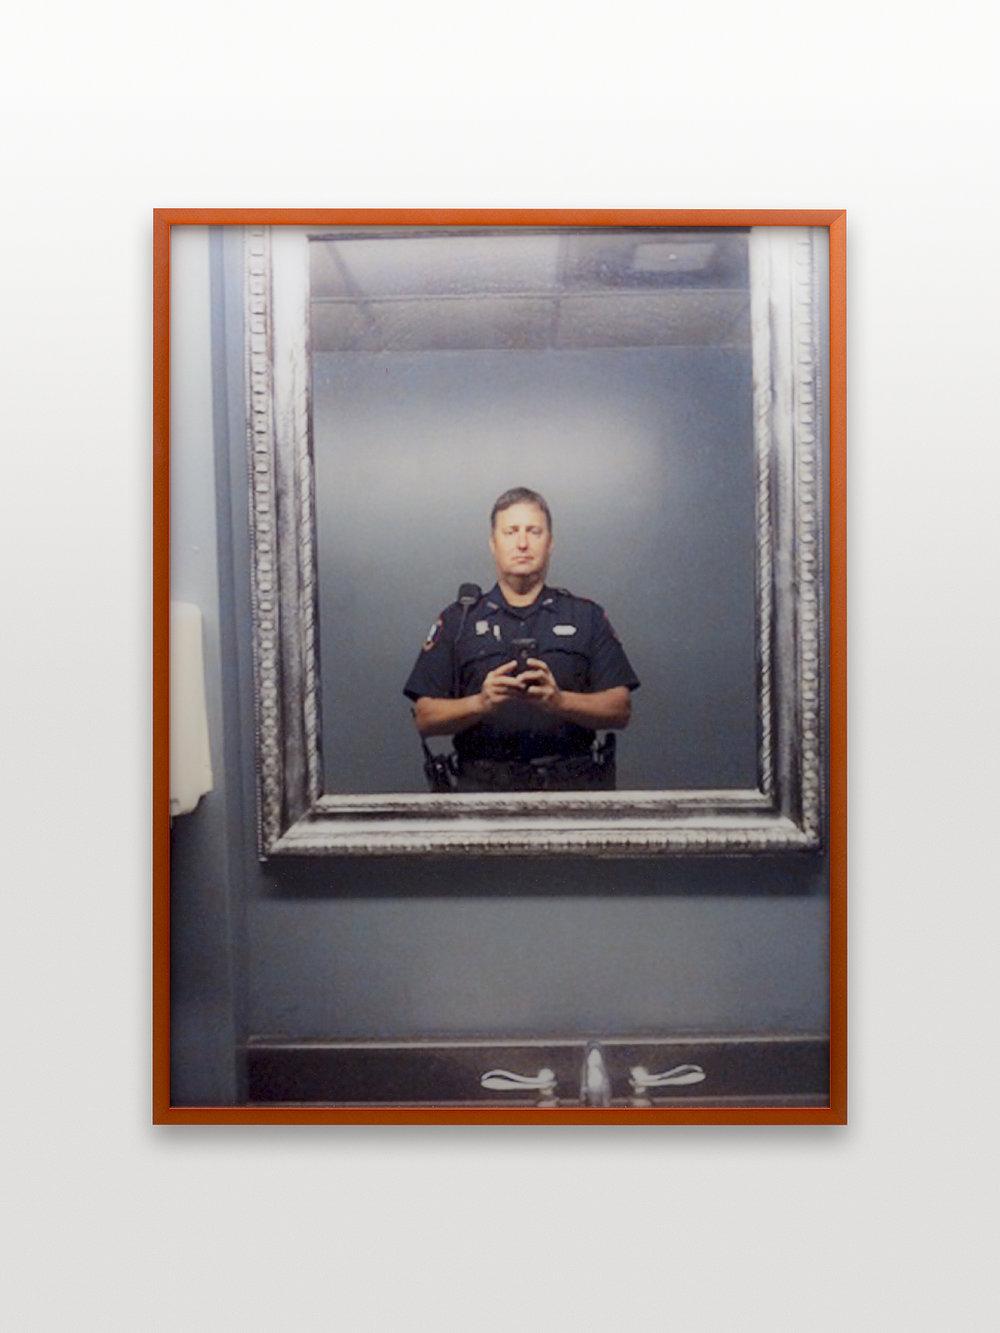 1.xtxp8.jpg (cop selfie)